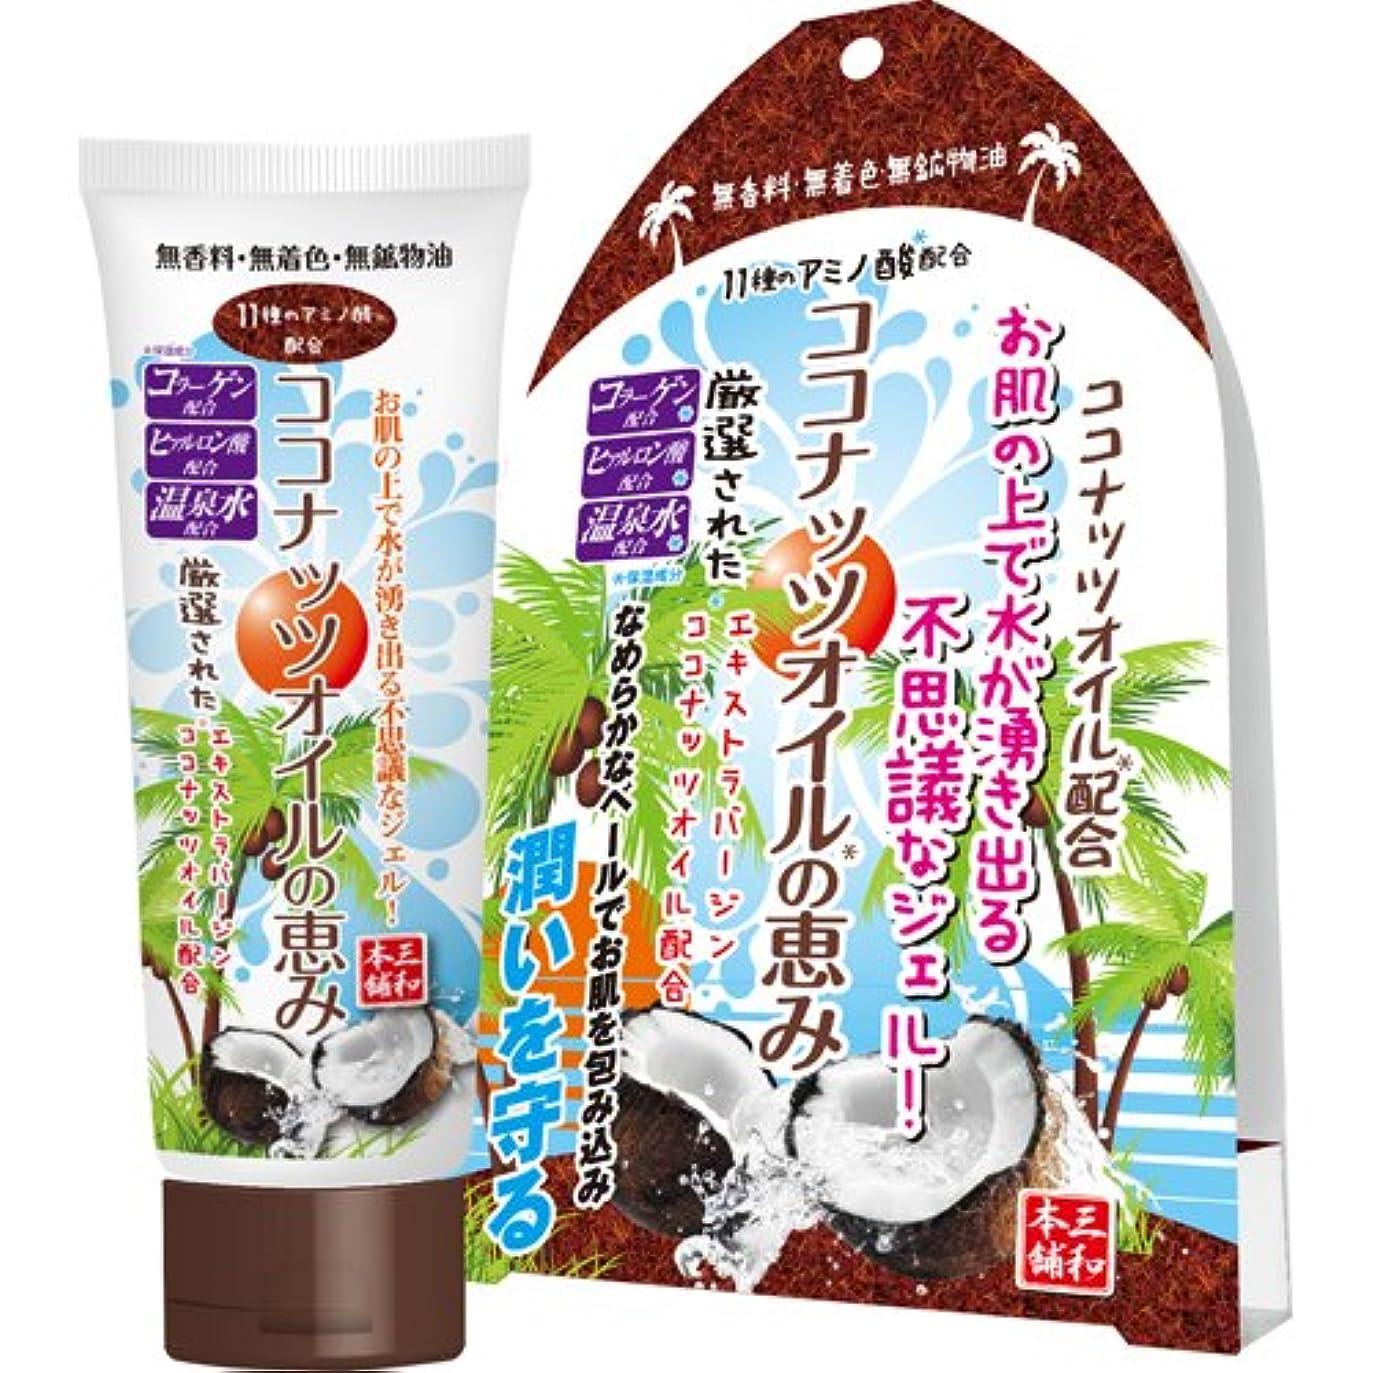 コスト怠感危険オールインワンジェル ココナッツオイルの恵み(化粧品) 150g